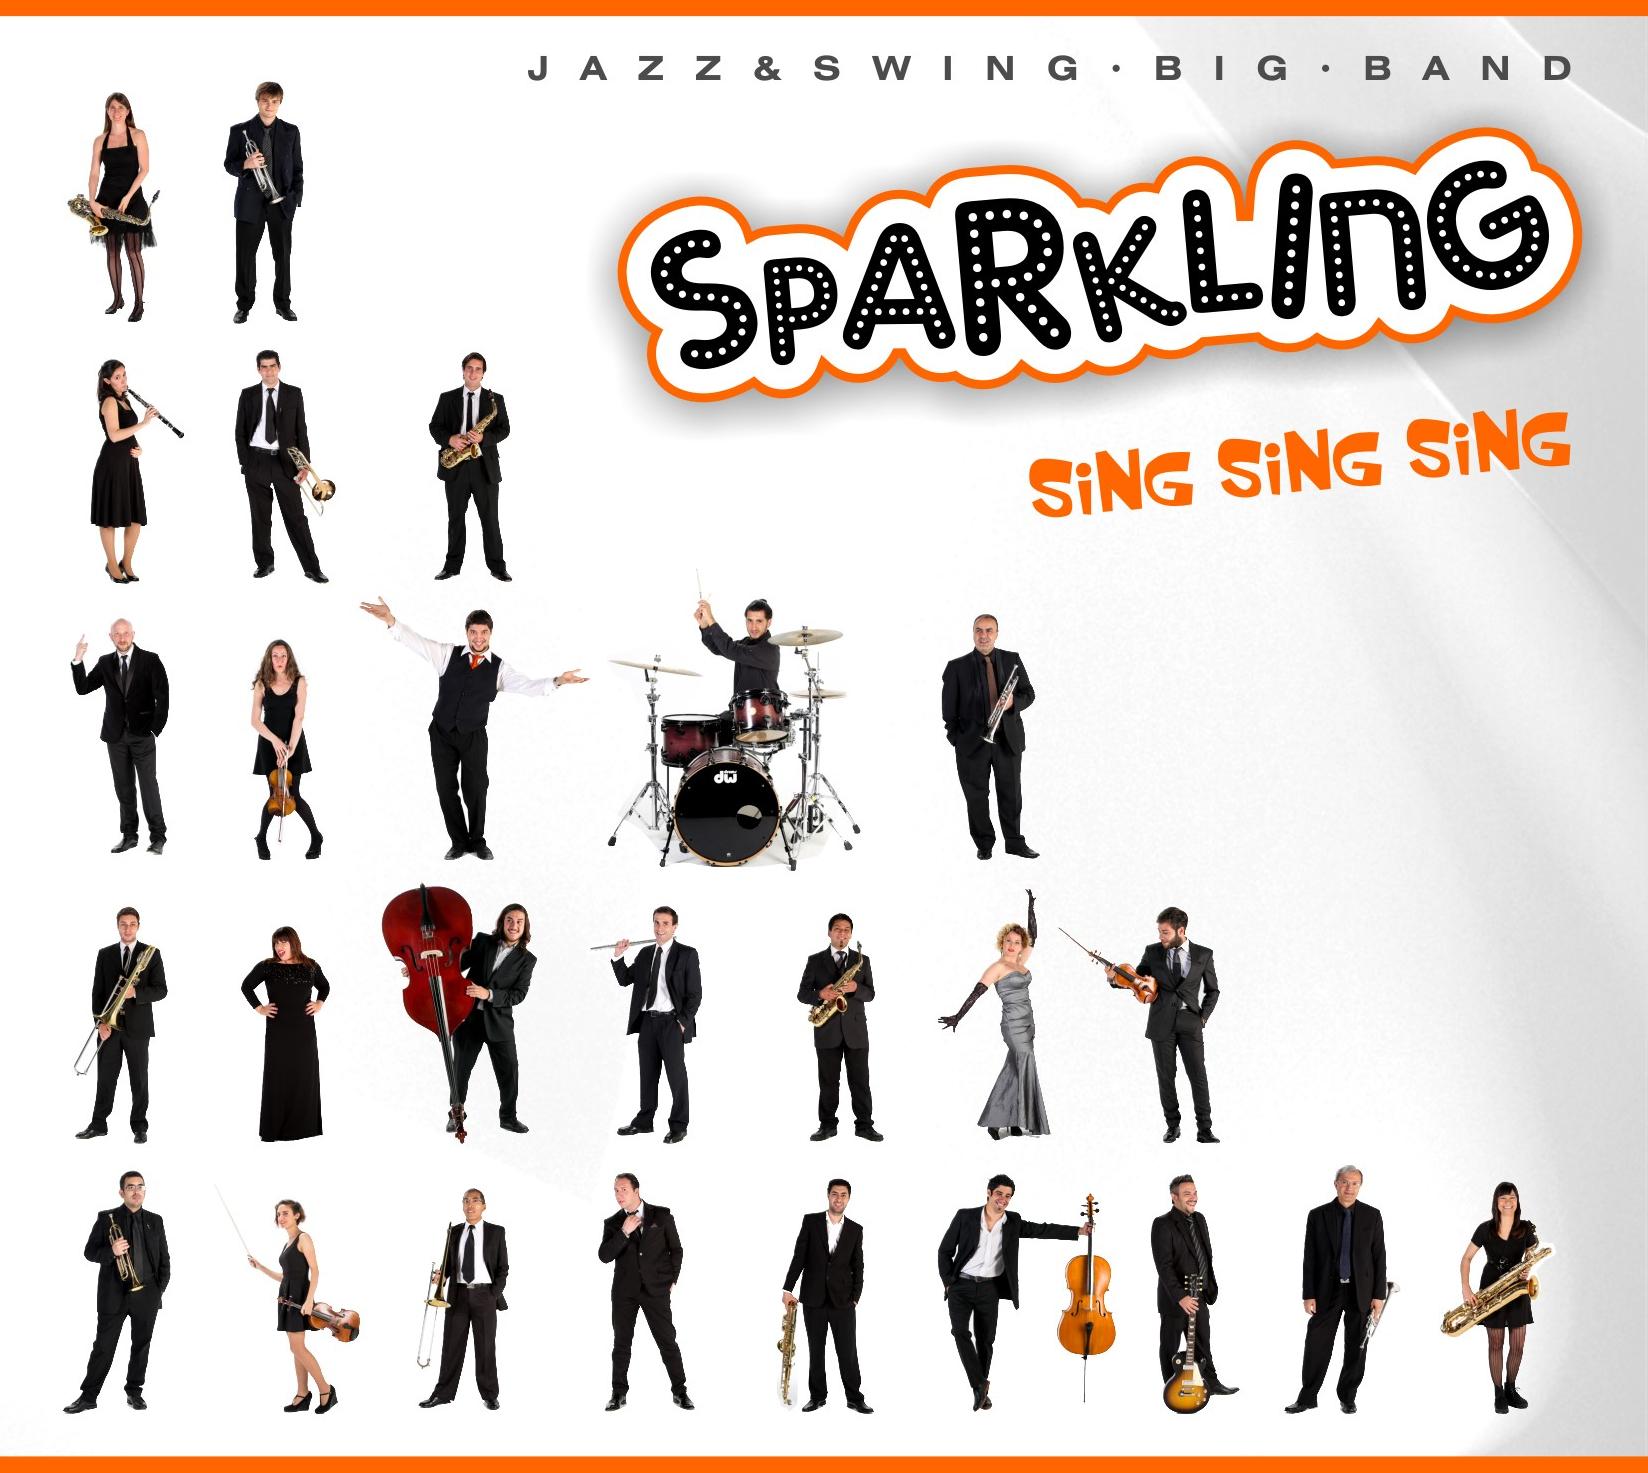 Sing Sing Sing - Sparkling Big Band